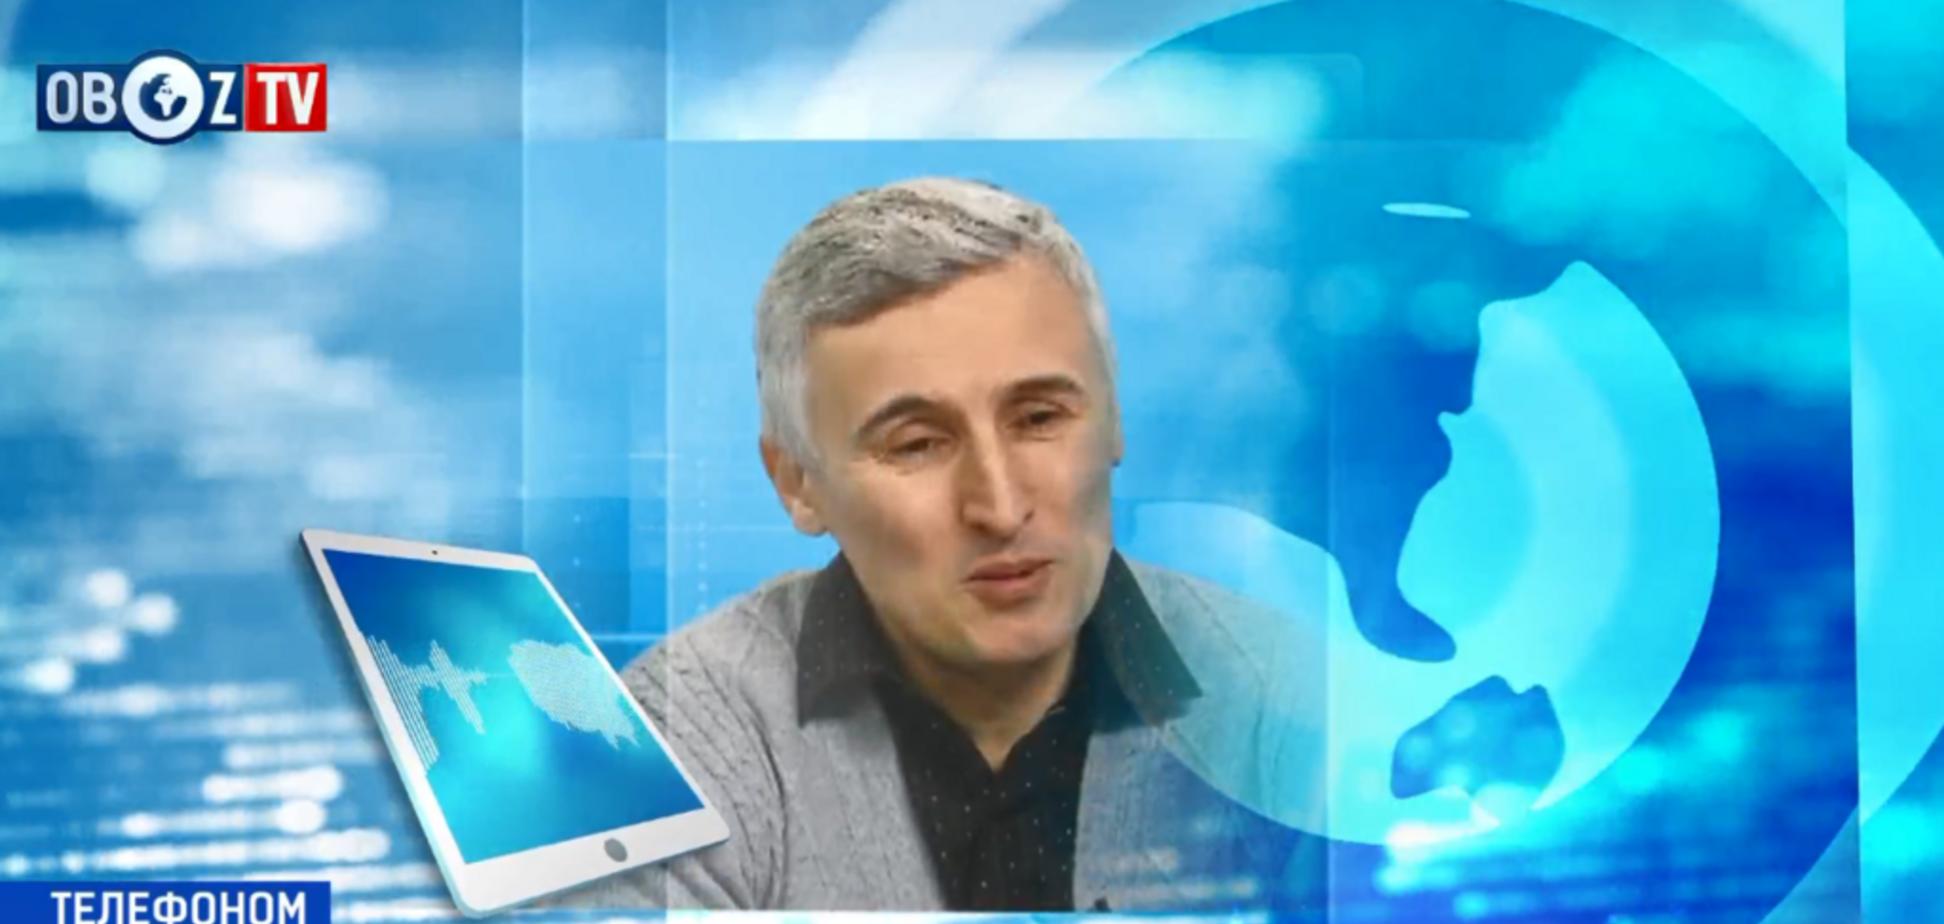 Похолодание и дожди: синоптик дал прогноз погоды в Украине до конца недели